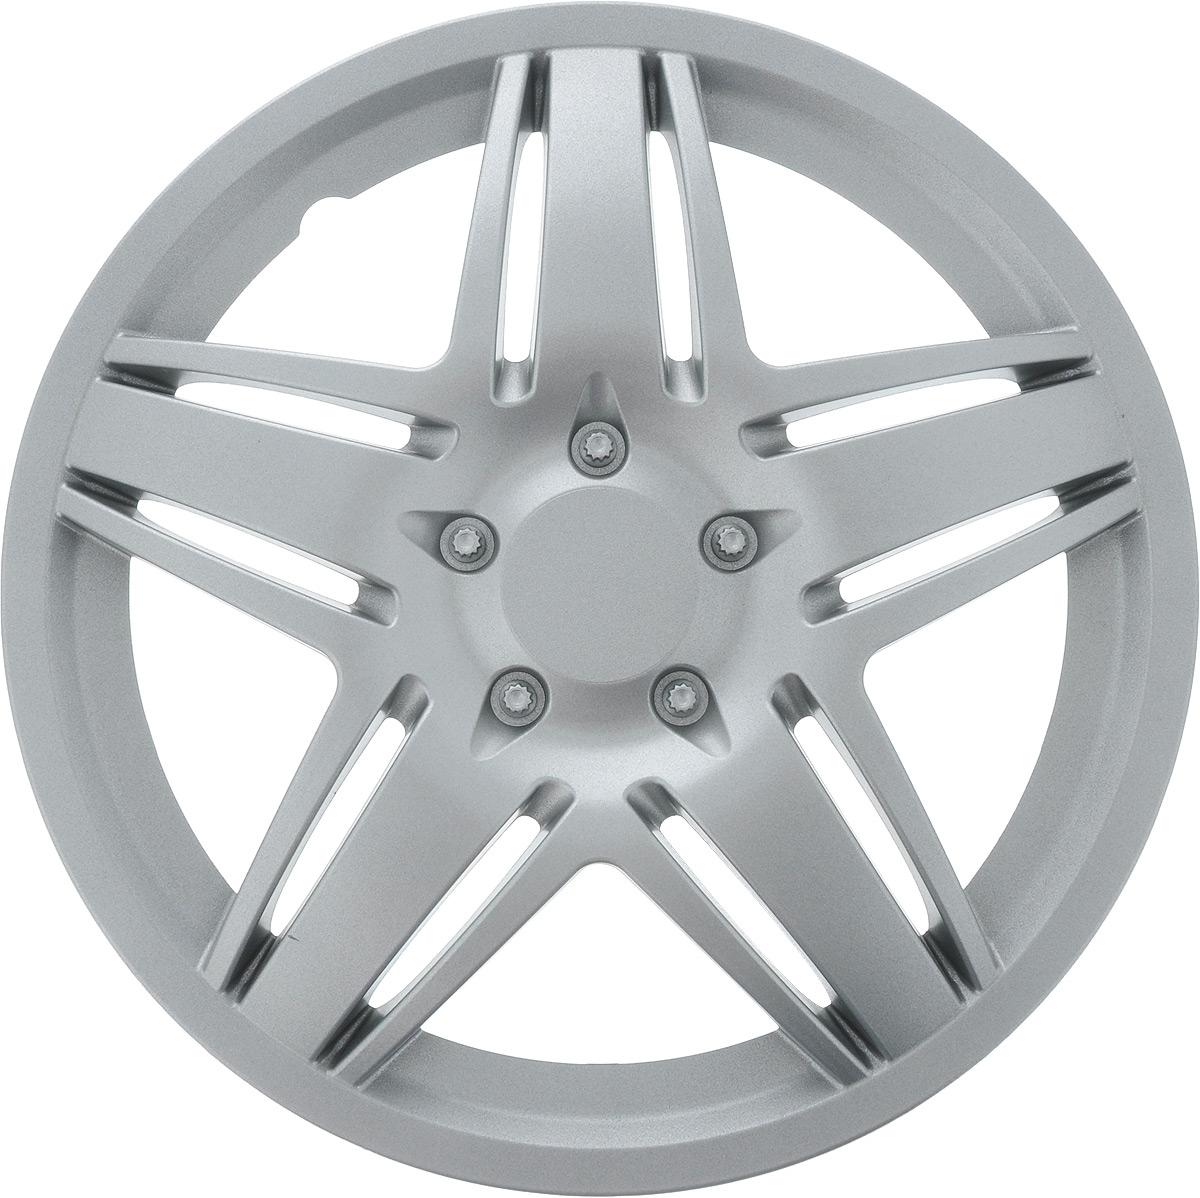 Колпак защитный Phantom Стар, R15 , декоративный, 1 шт. PH5766K100Колпак Phantom Стар предназначен для защиты колесного диска и тормозной системы от загрязнений, а также для декоративного украшения автомобиля.Колпак изготовлен из высококачественного масло-бензостойкого пластика, а крепление в виде распорного кольца - из металла.Размер колеса: R15.Диаметр колпака: 41,5 см.